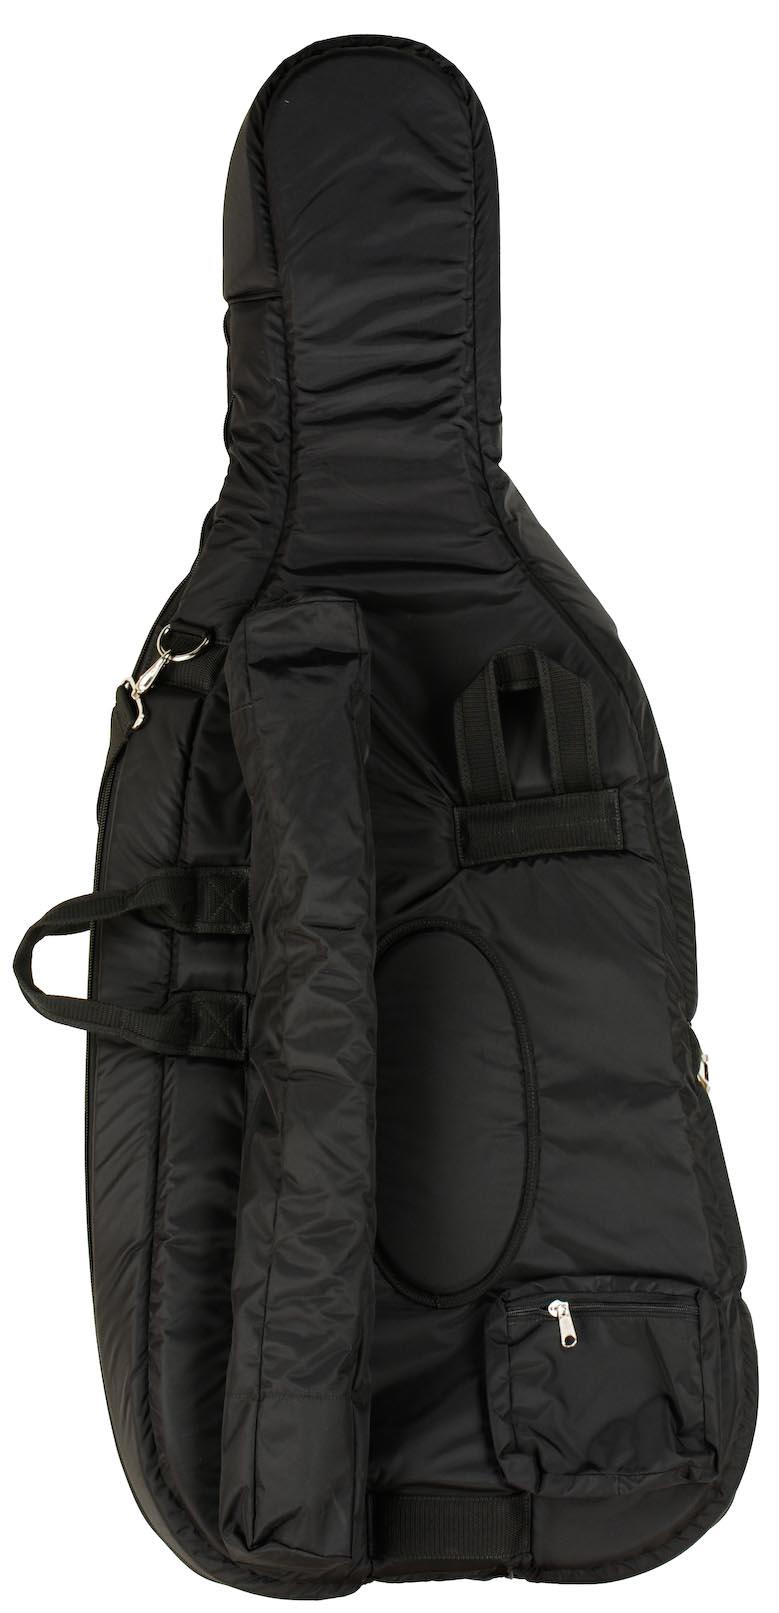 Bobelock Soft Cello Bag Top